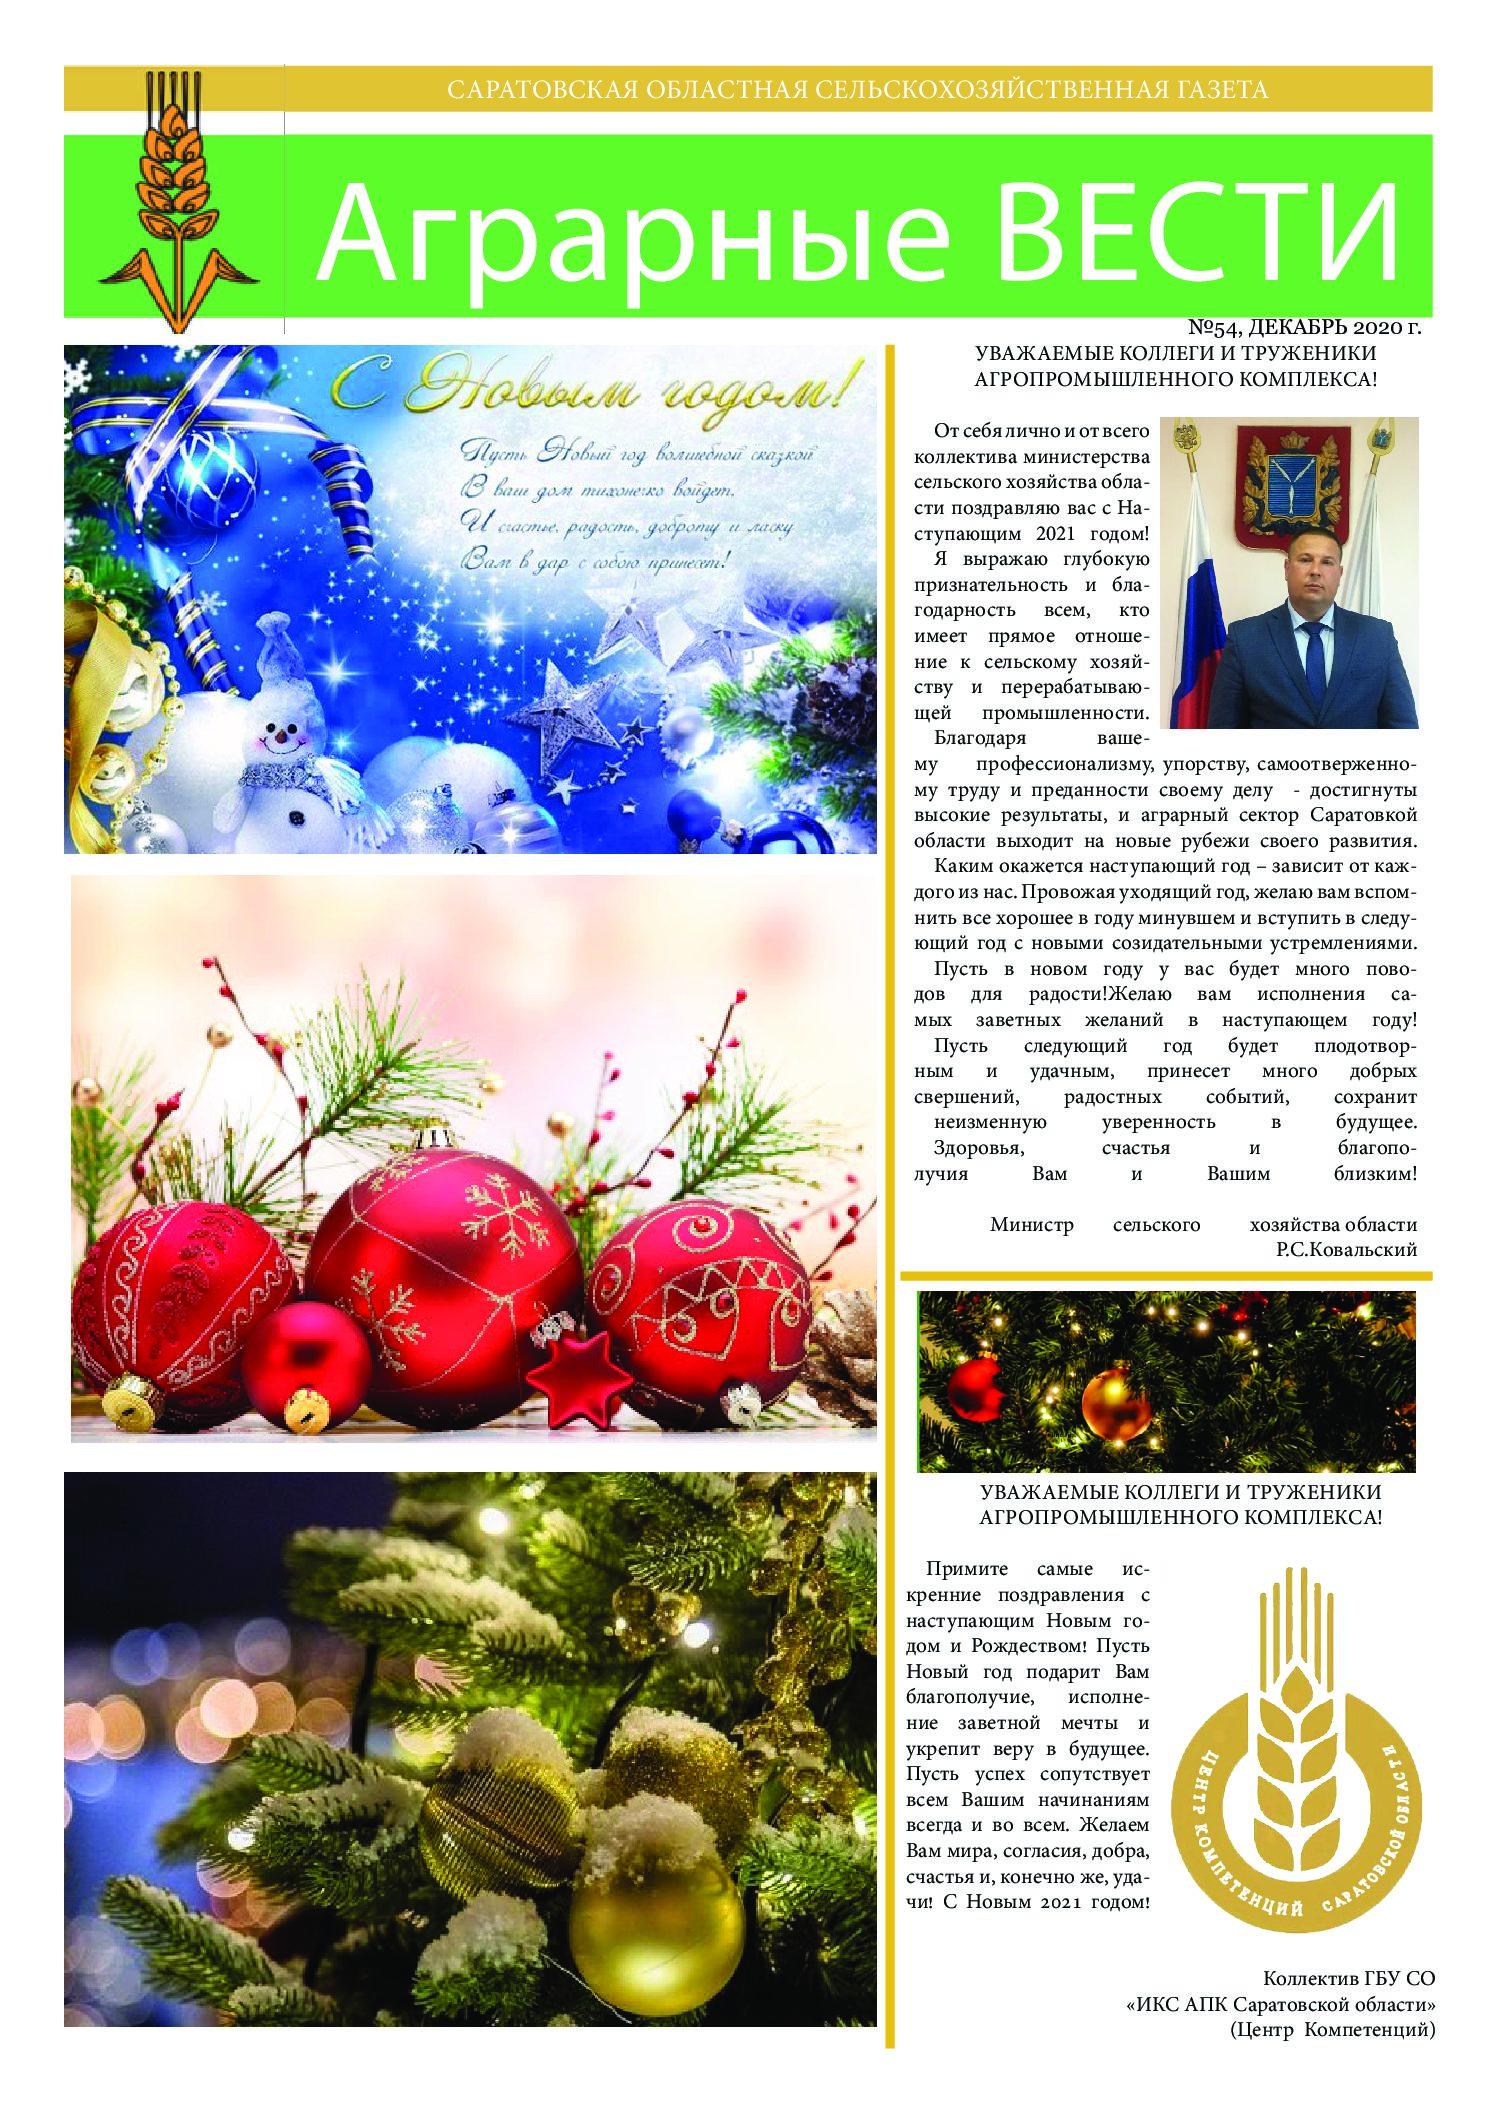 https://saratovagro.ru/wp-content/uploads/2020/12/Декабрь54-pdf.jpg